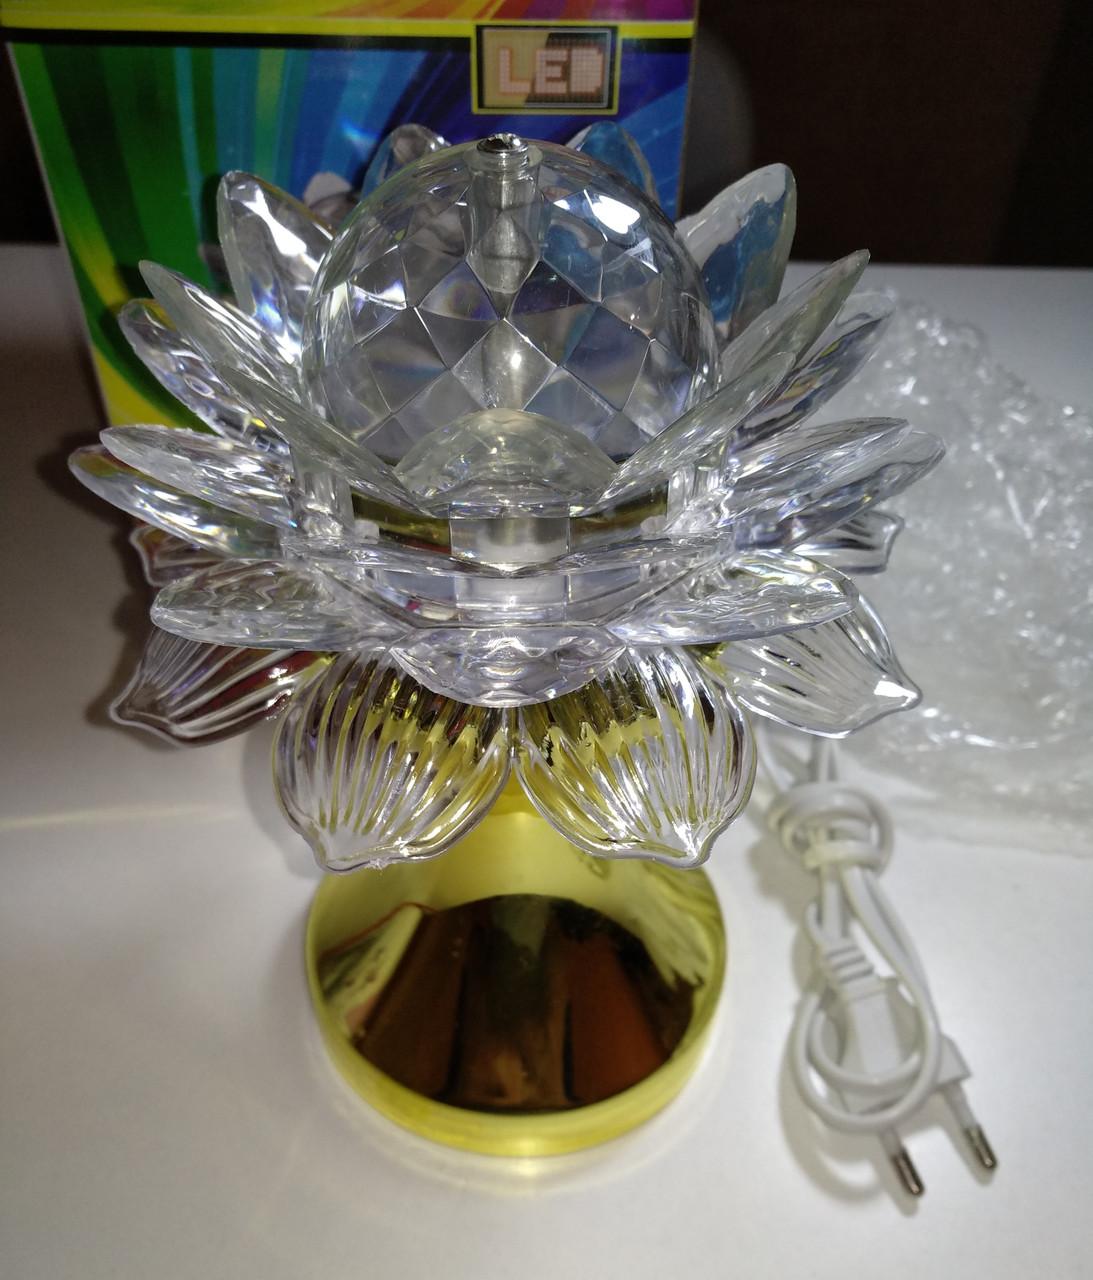 Диско лампа Цветок LED (проектор) светодиодная, на проводе 220V